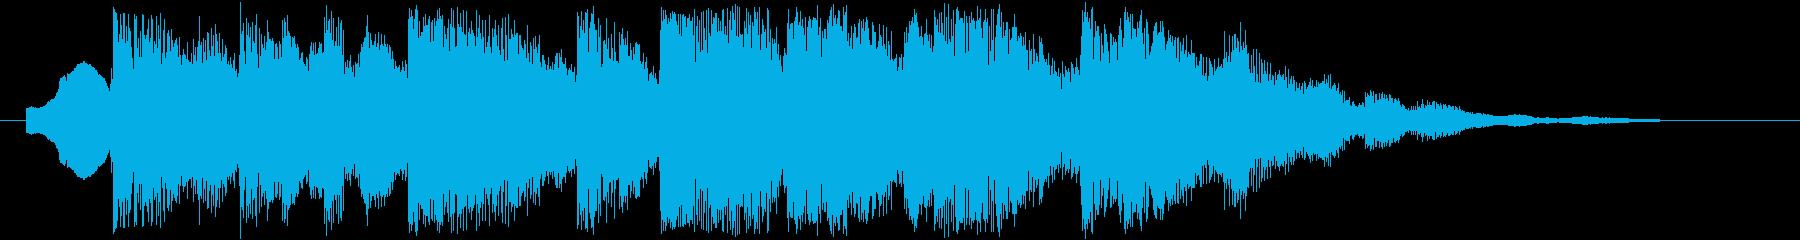 夜空のイメージ(ジングル、着信音などに)の再生済みの波形